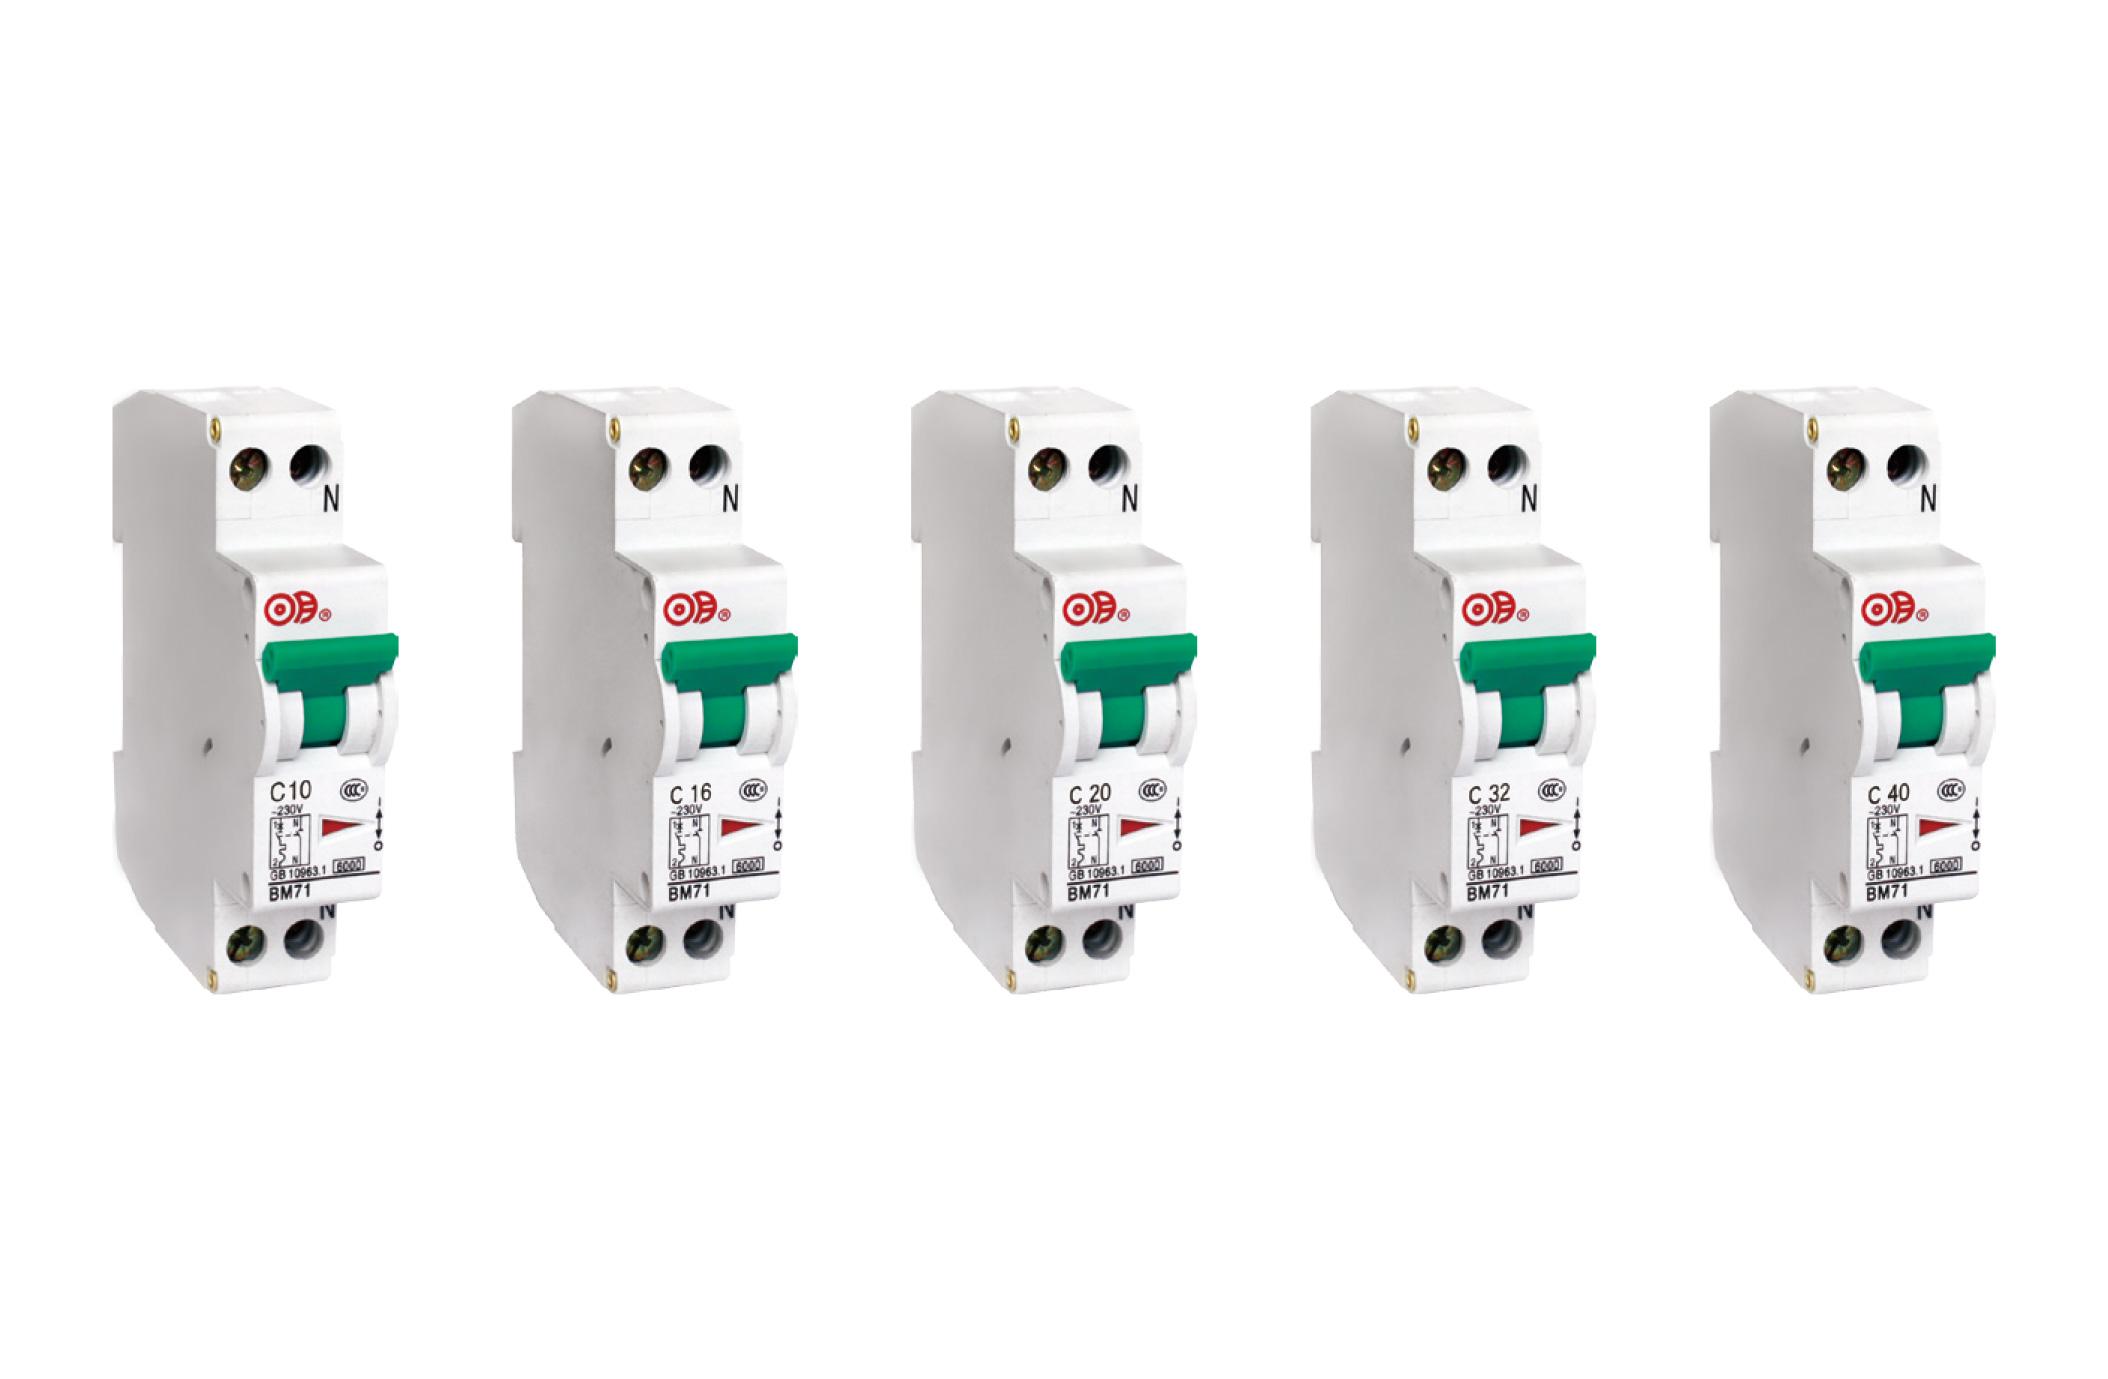 BM71 系列带过电流保护的小型断路器